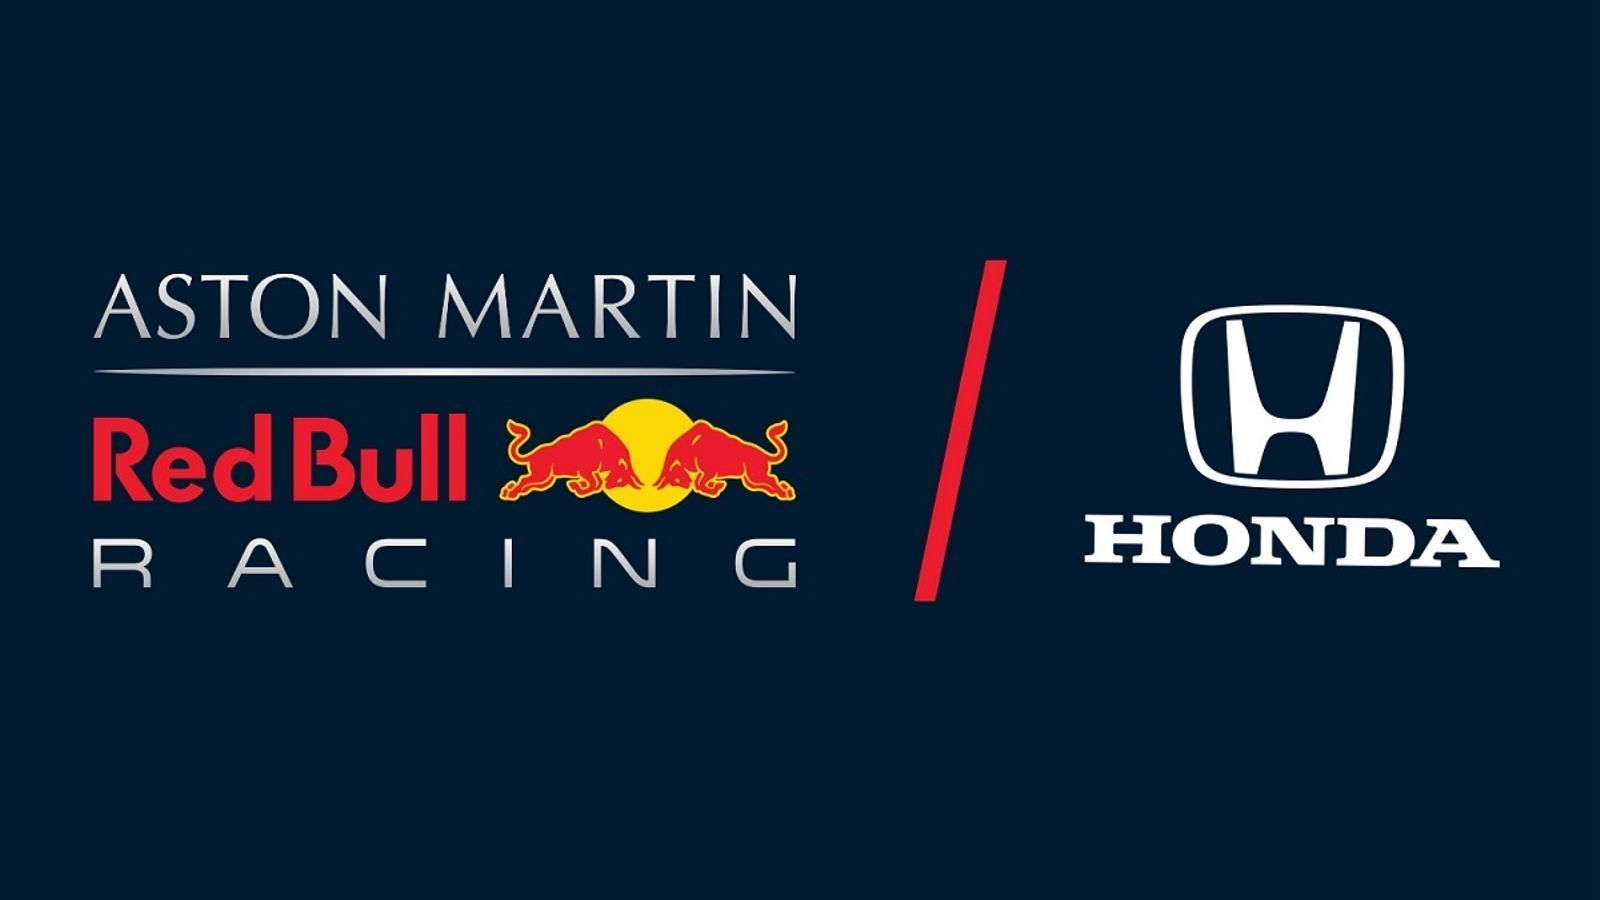 L'escuderia Red Bull anuncia que utilitzarà motors Honda les temporades 2019 i 2020